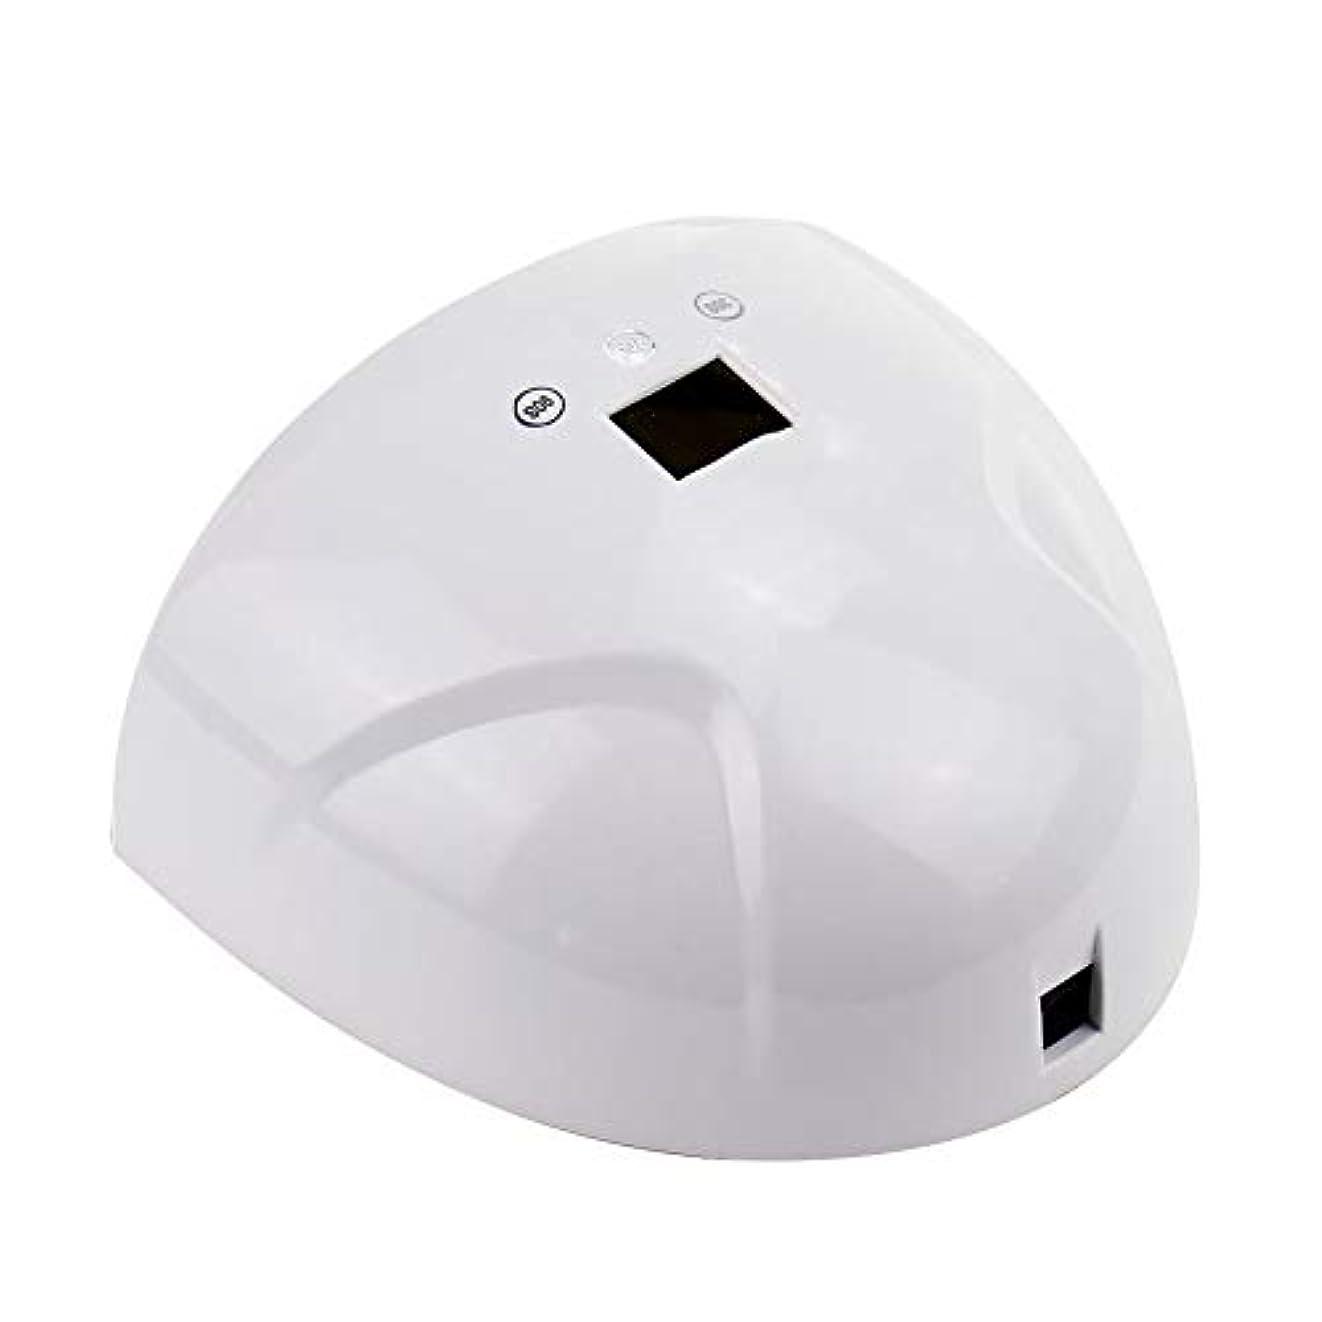 複雑なブルーベルゲインセイネイルドライヤー - LEDマシン光線療法ネイルマシン36Wスマートデュアル光源ネイルベーキング高速乾燥機